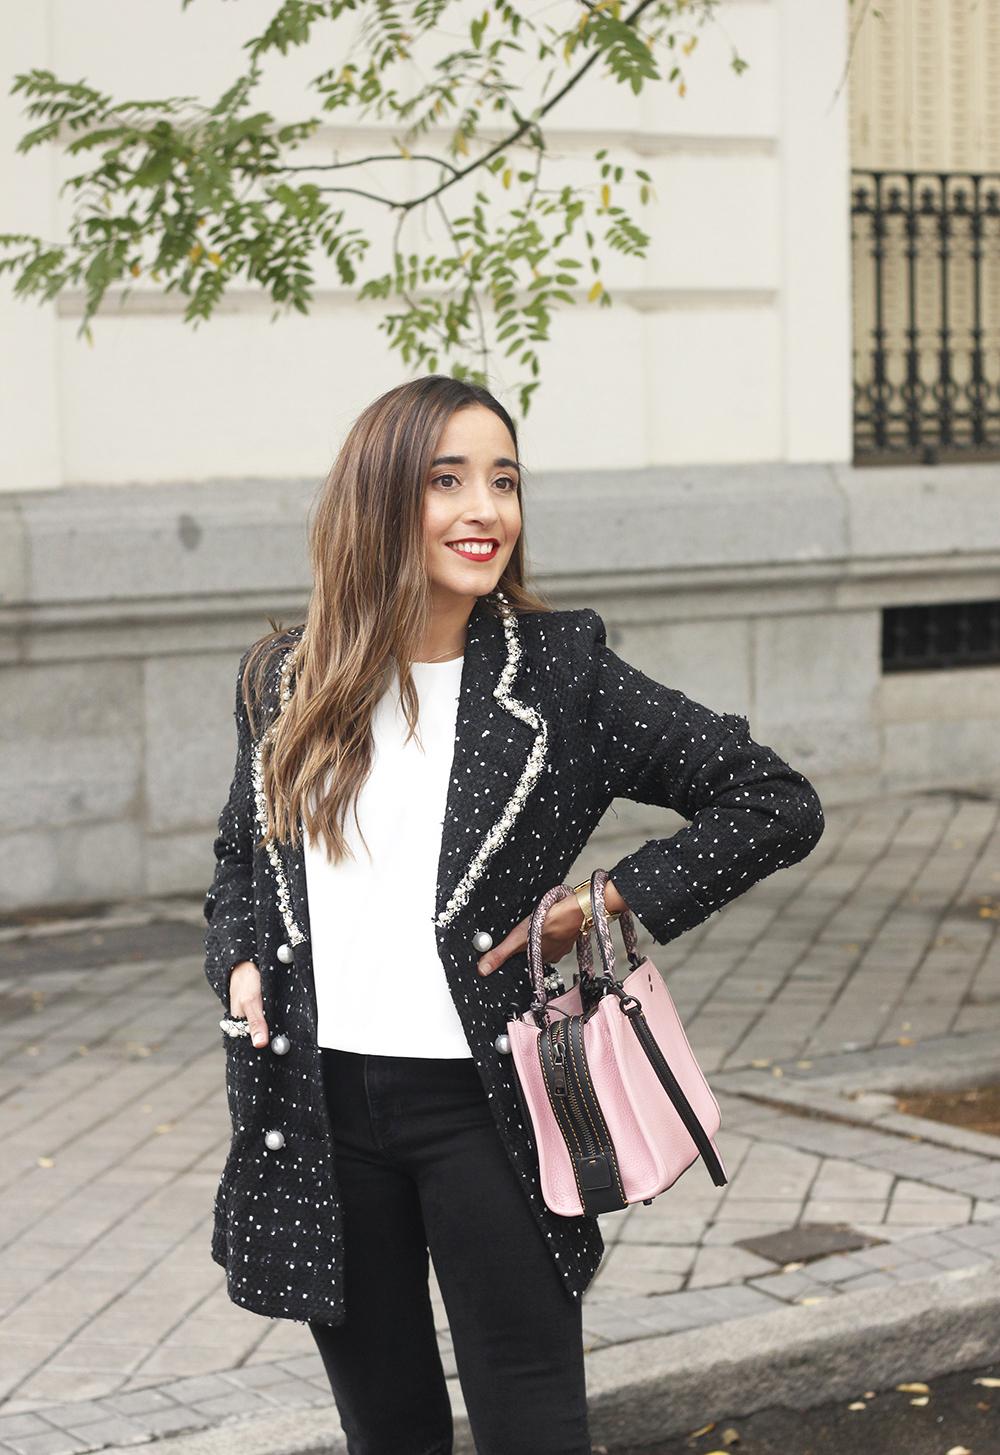 survêtement veste survêtement sac jeans noir street style costume 20198